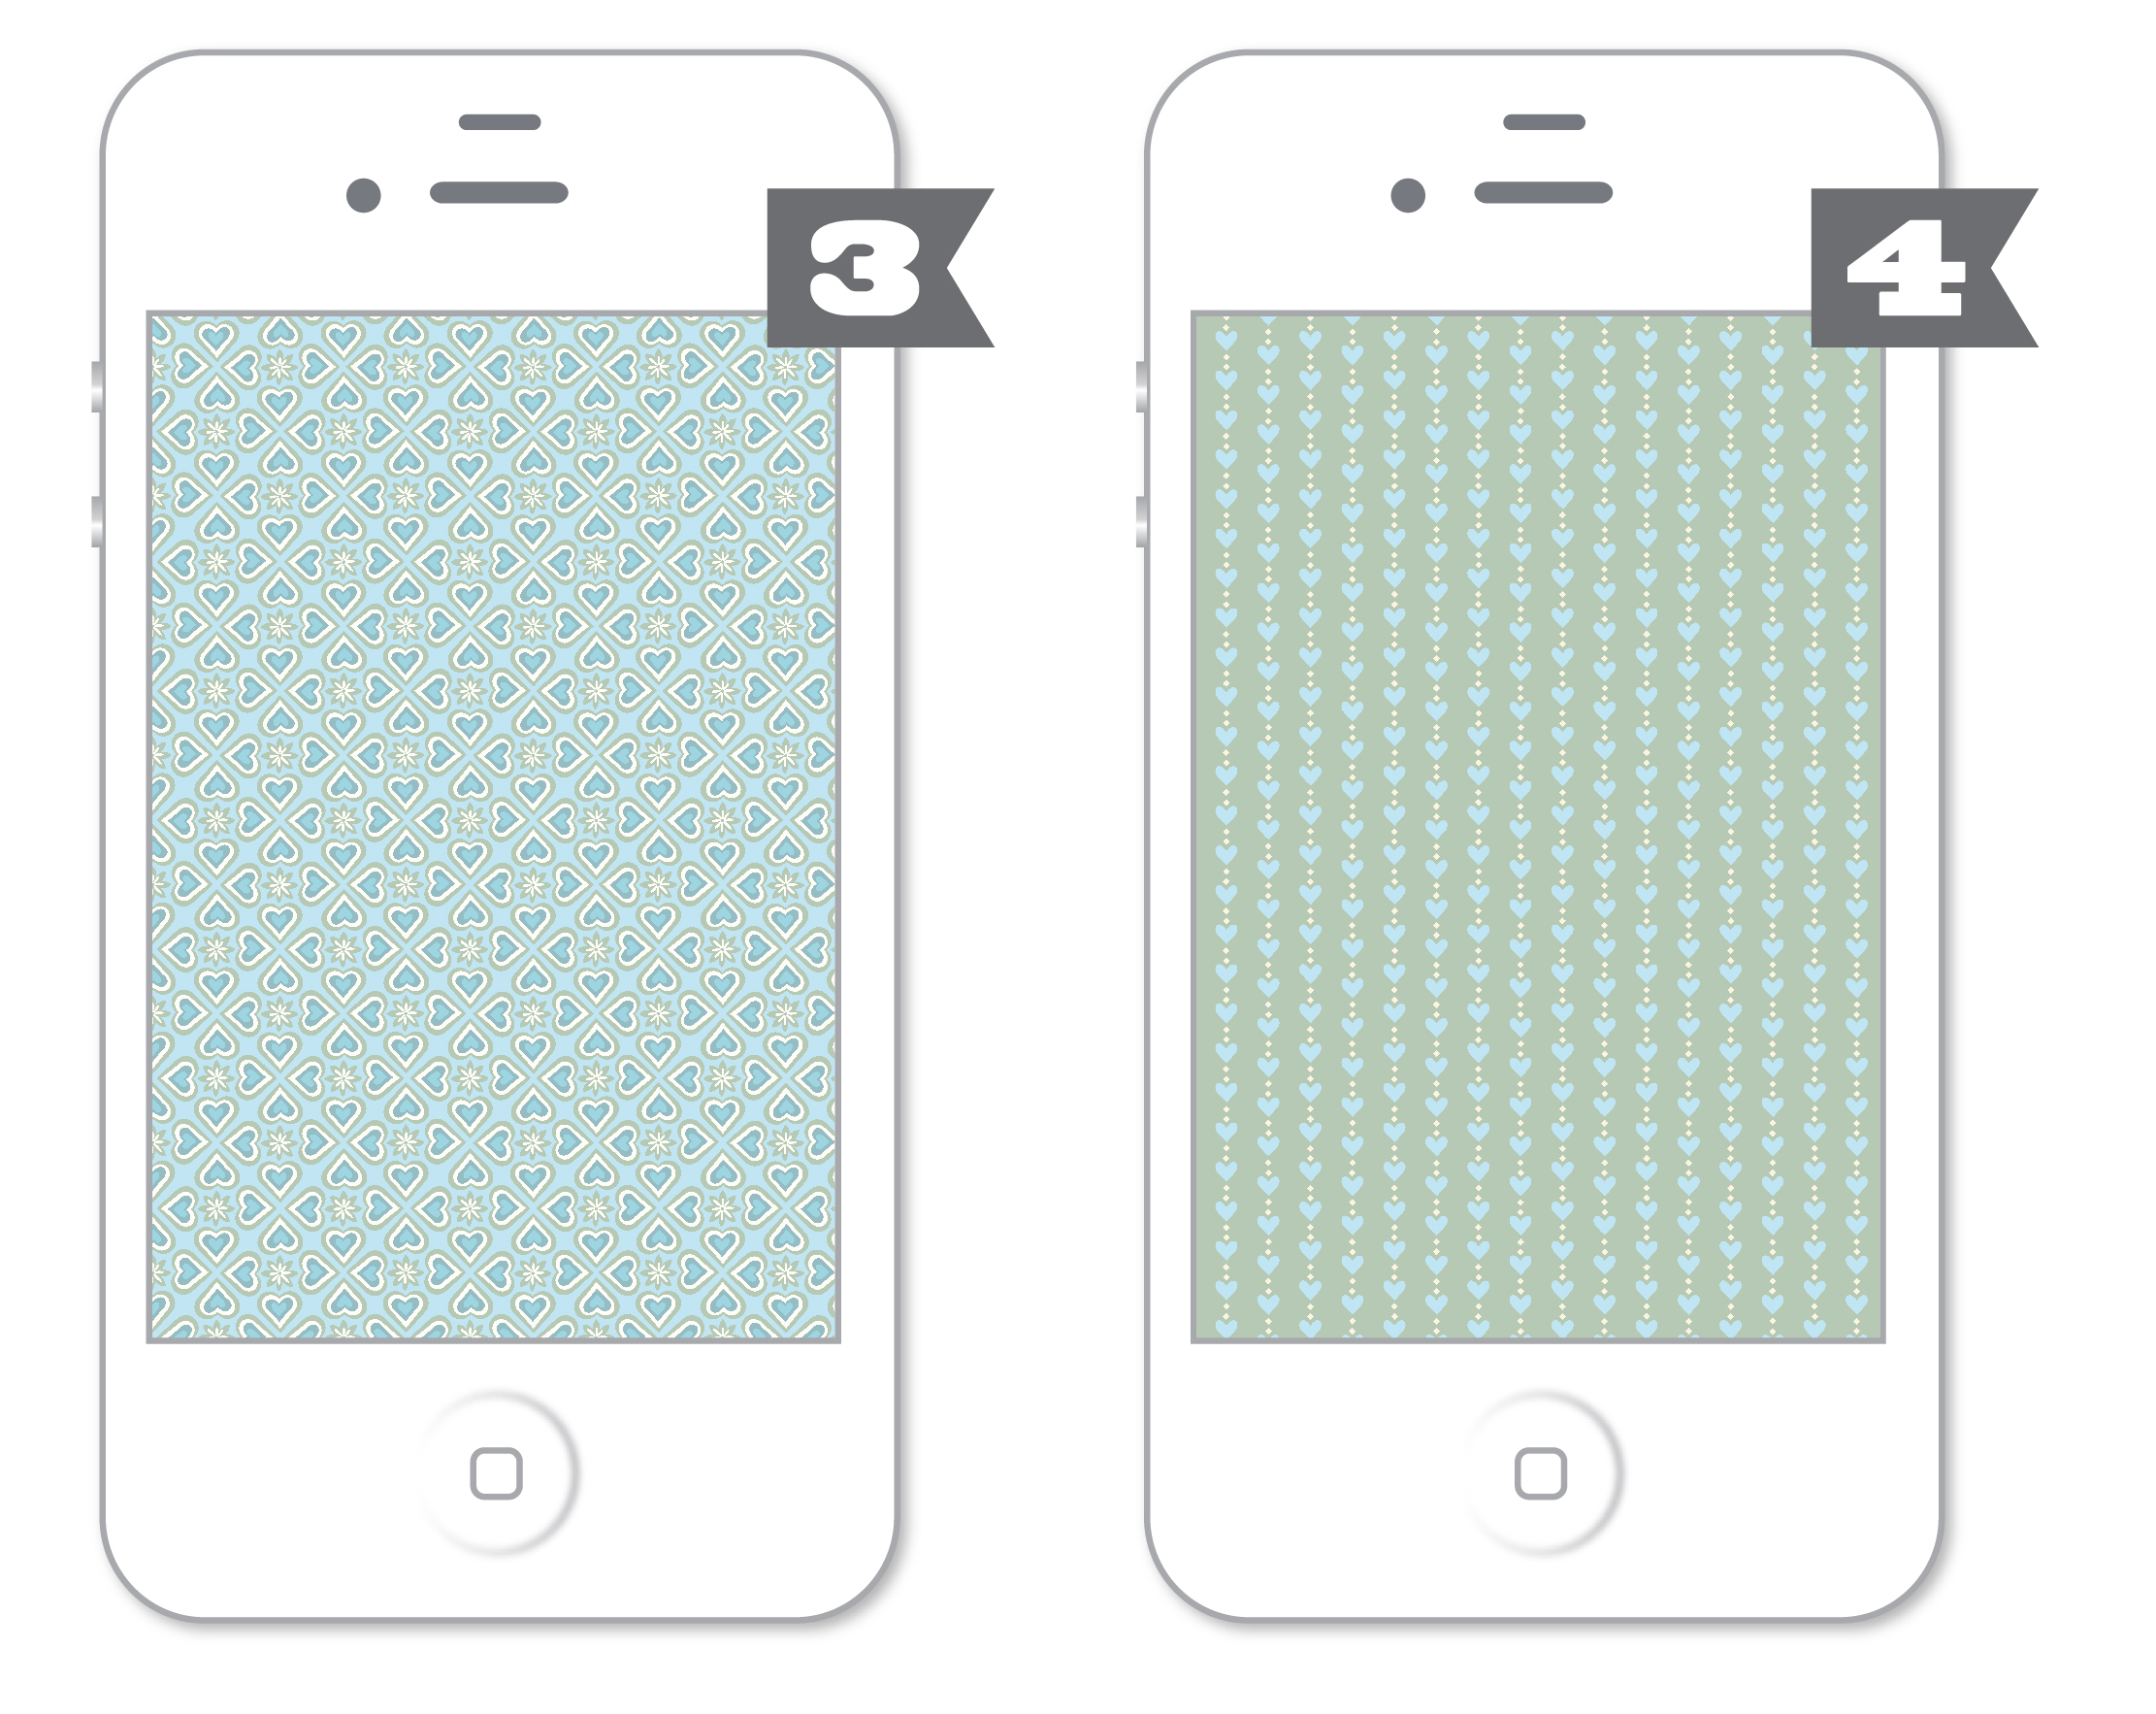 Phone Wallpaper 2